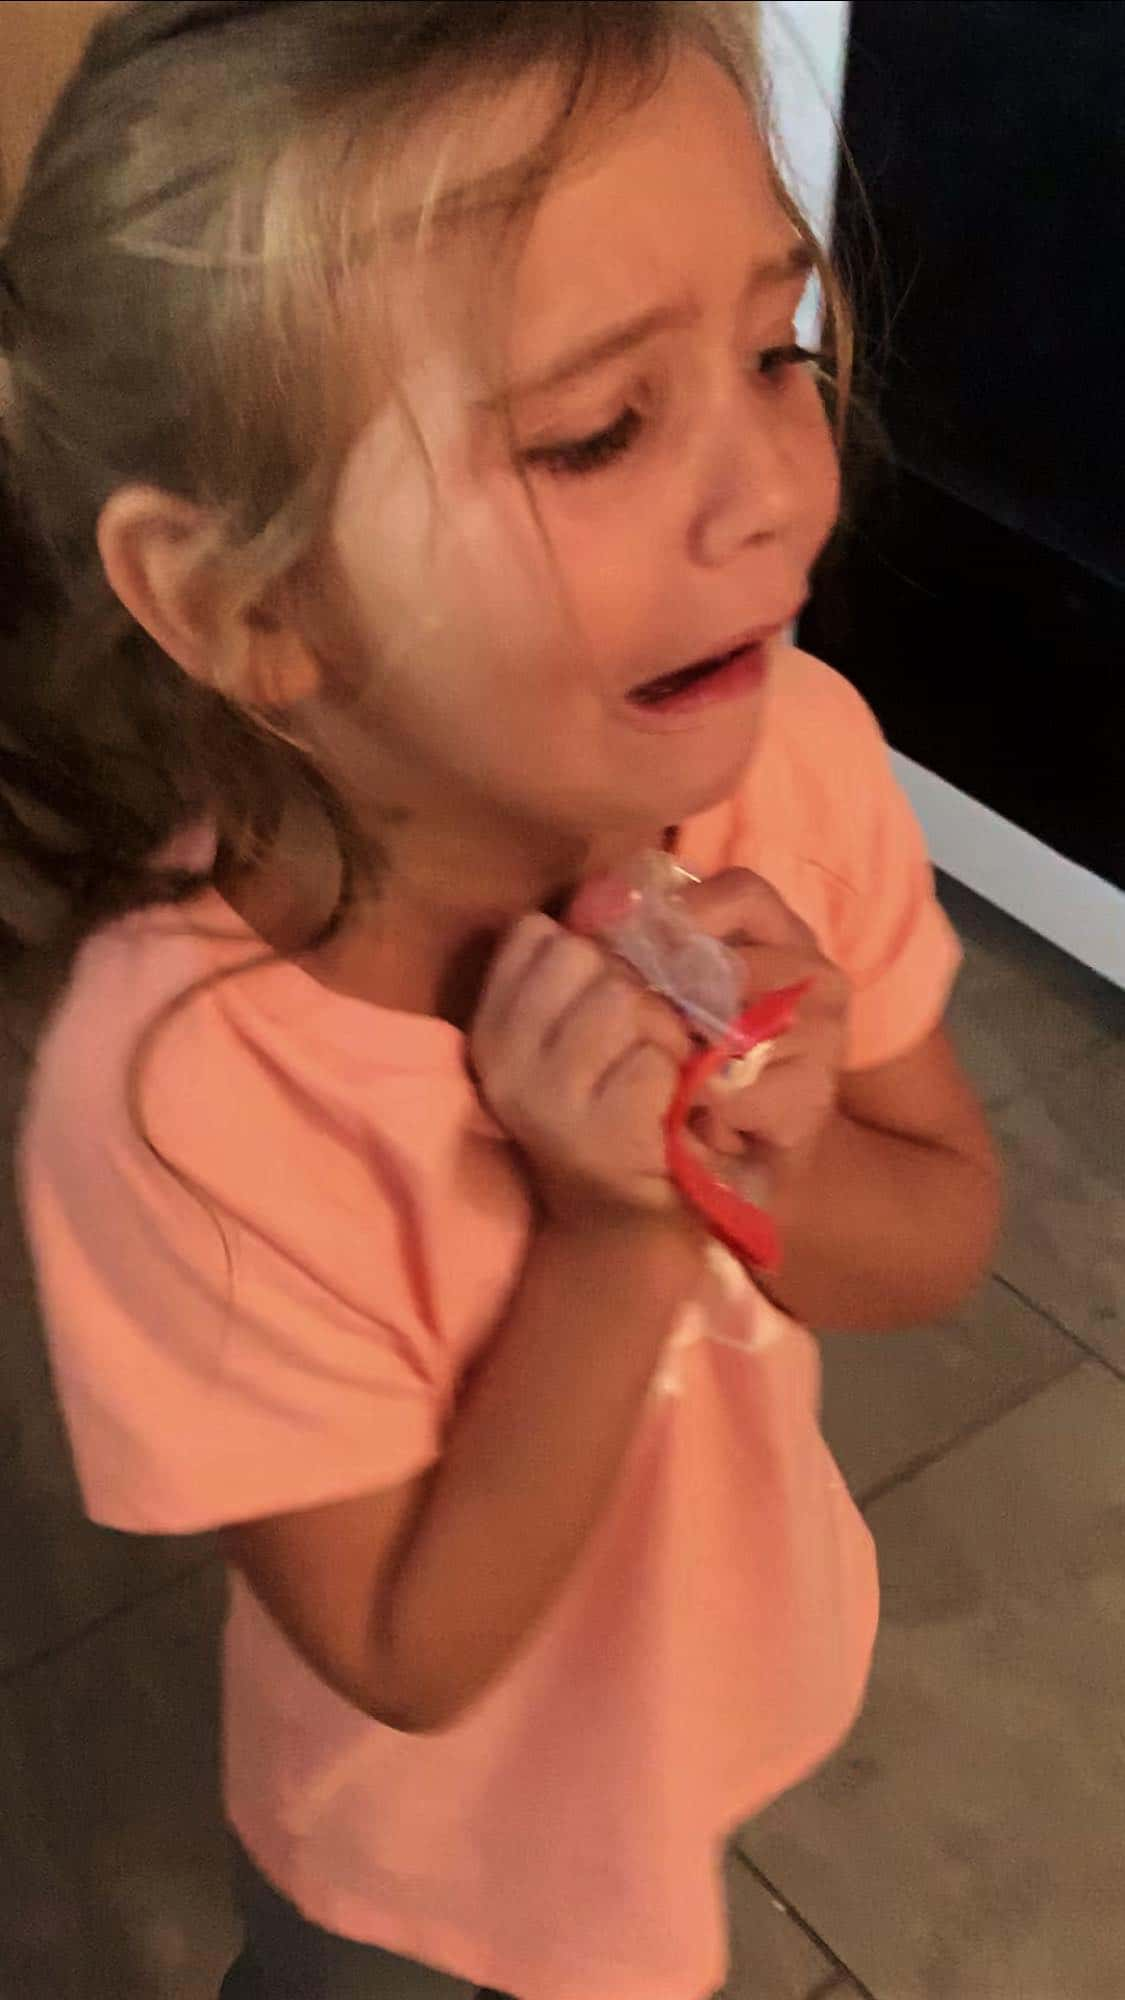 cette jeune fille jette son cadeau mais sa mère lui donne une bonne leçon